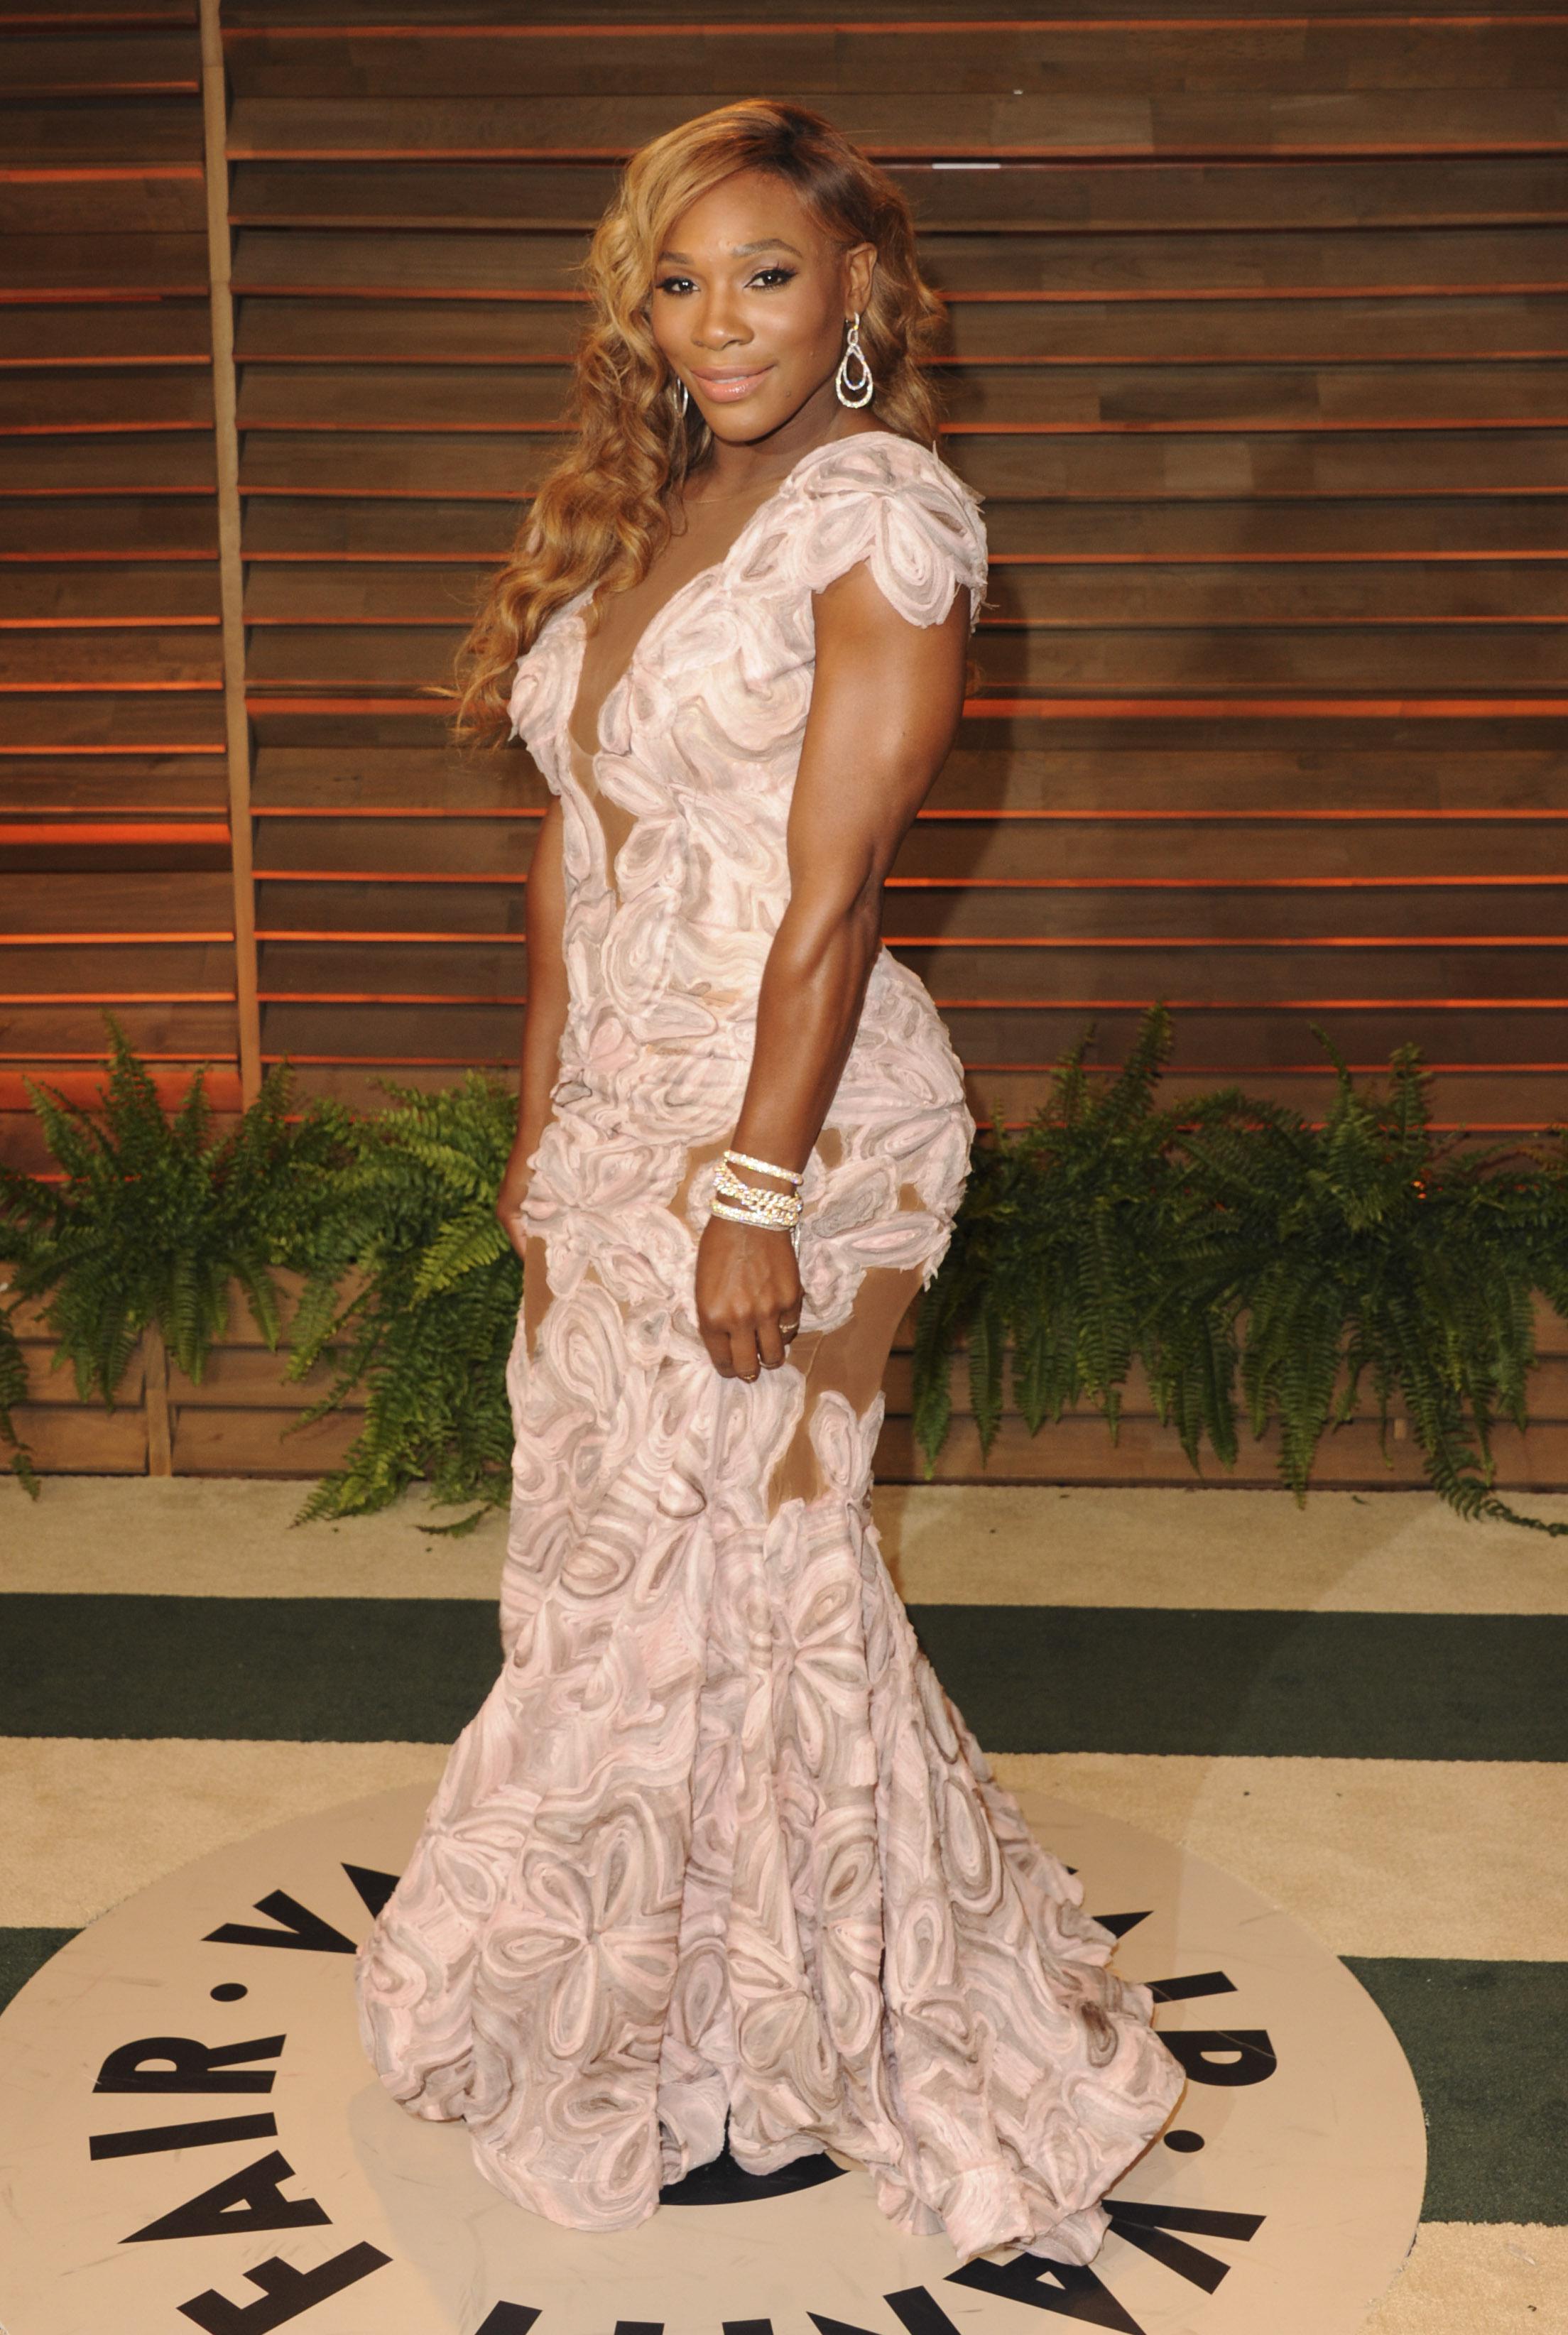 2014 Vanity Fair Oscar Party Hosted By Graydon Carter